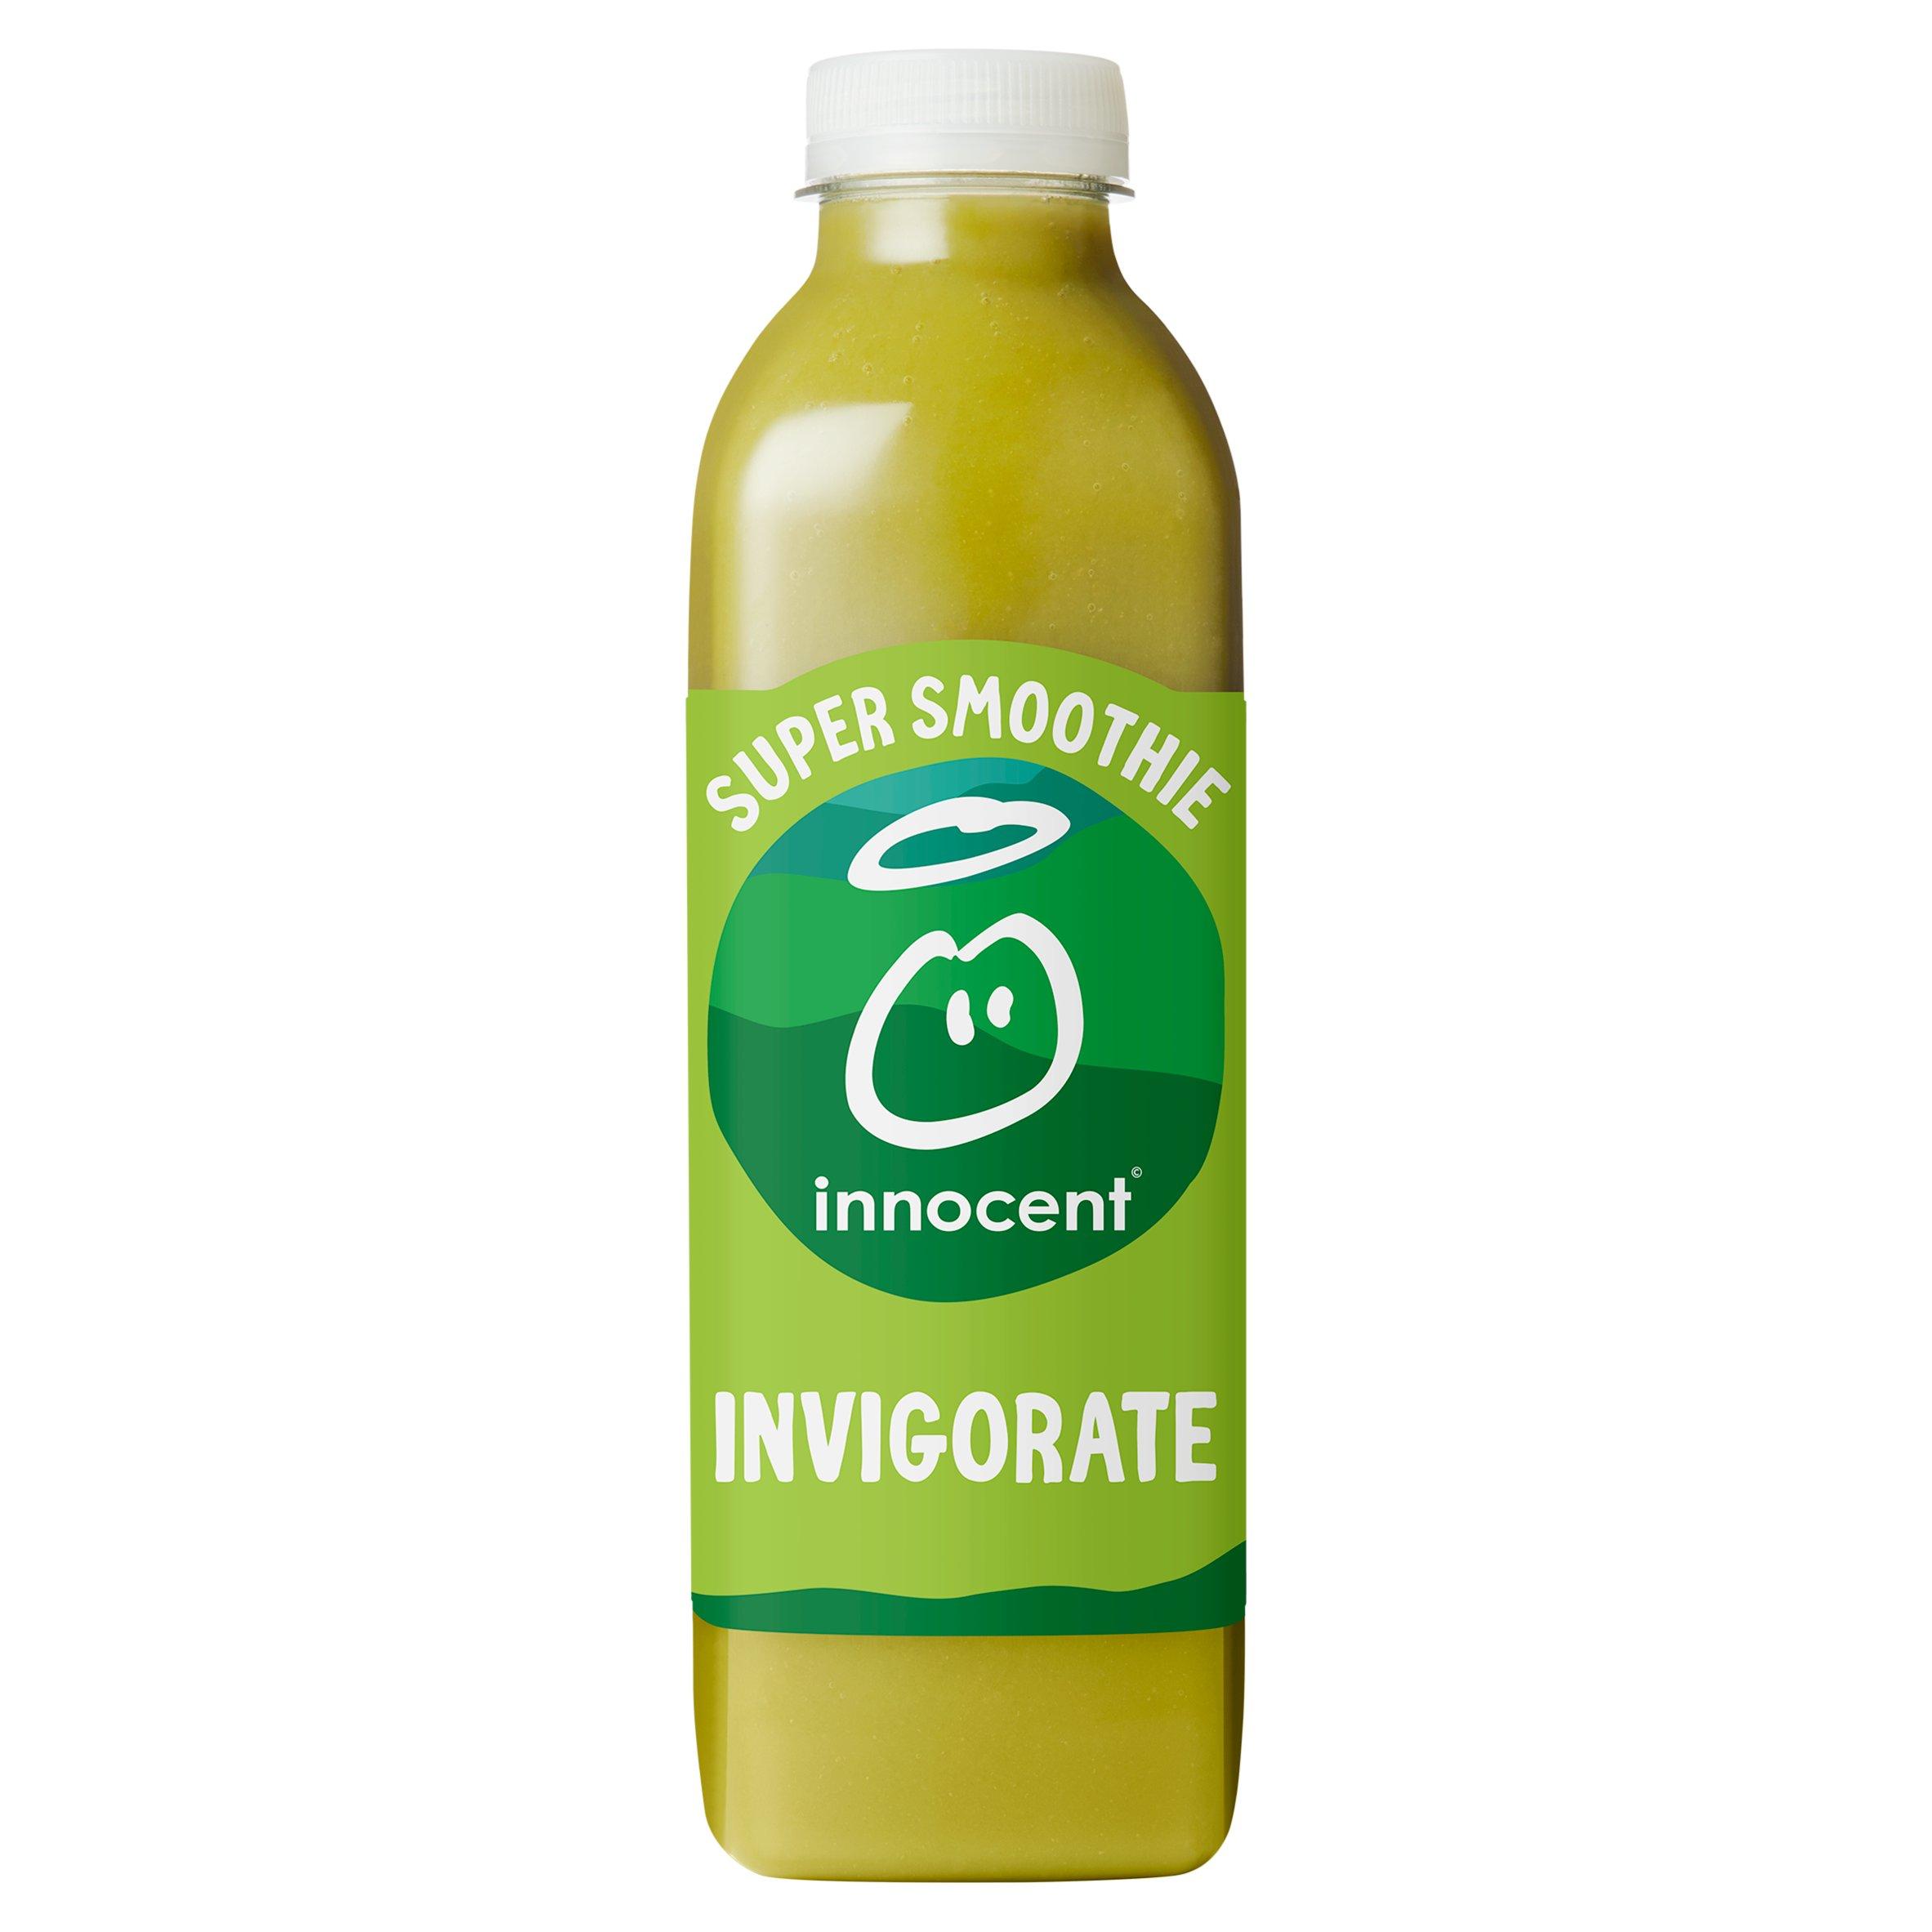 Innocent Invigorate Super Smoothie 750Ml